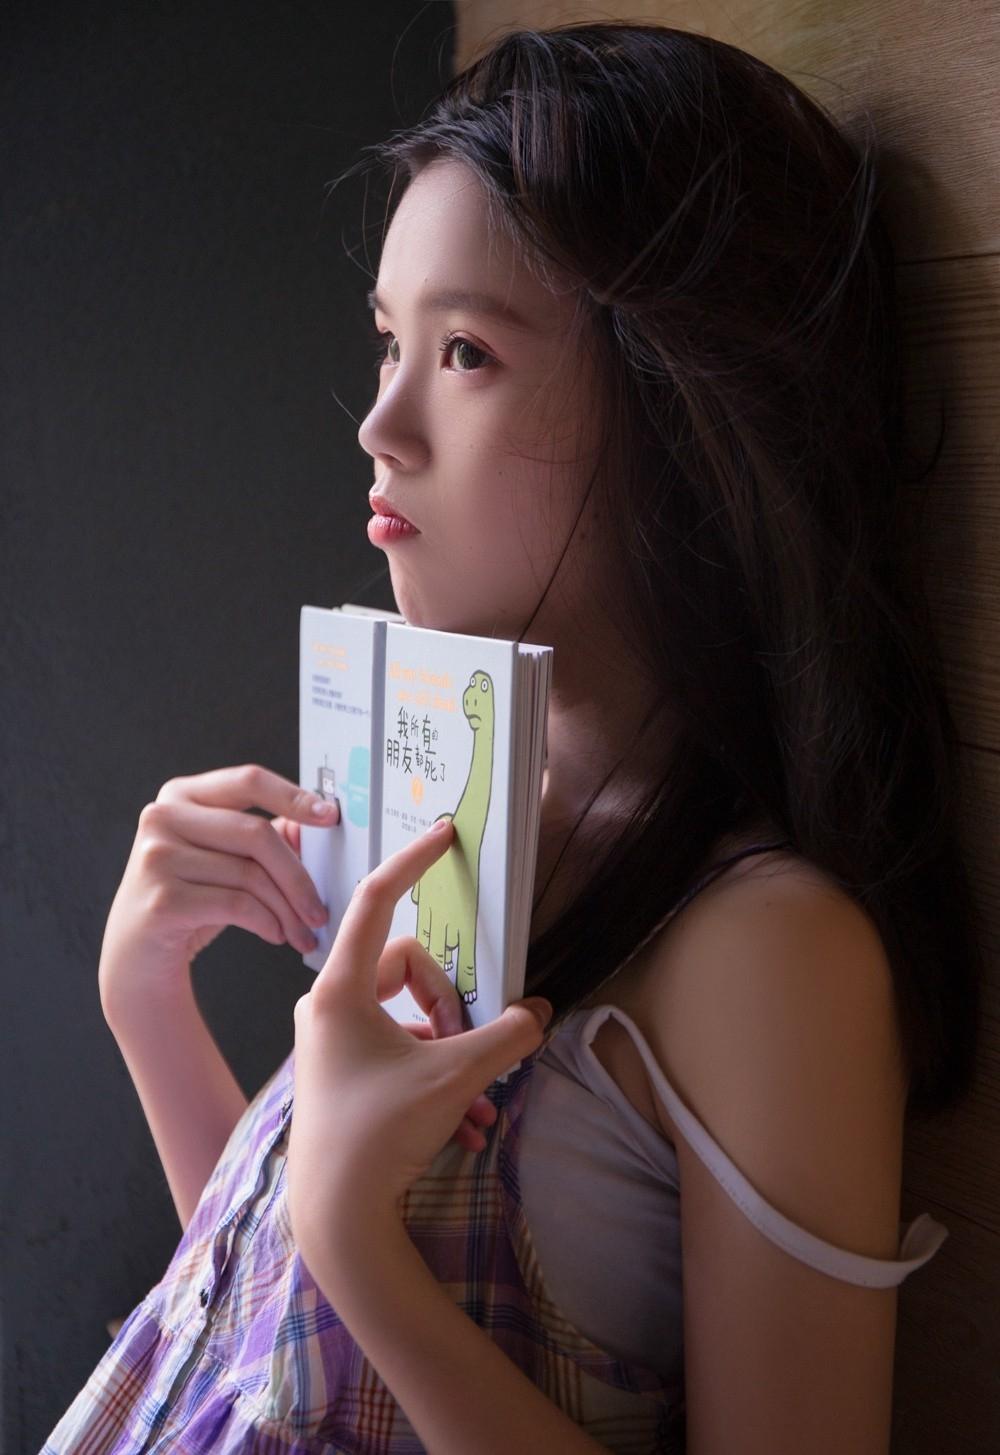 杏眼清澈明媚的漂亮女孩性感吊带又纯又媚私房照